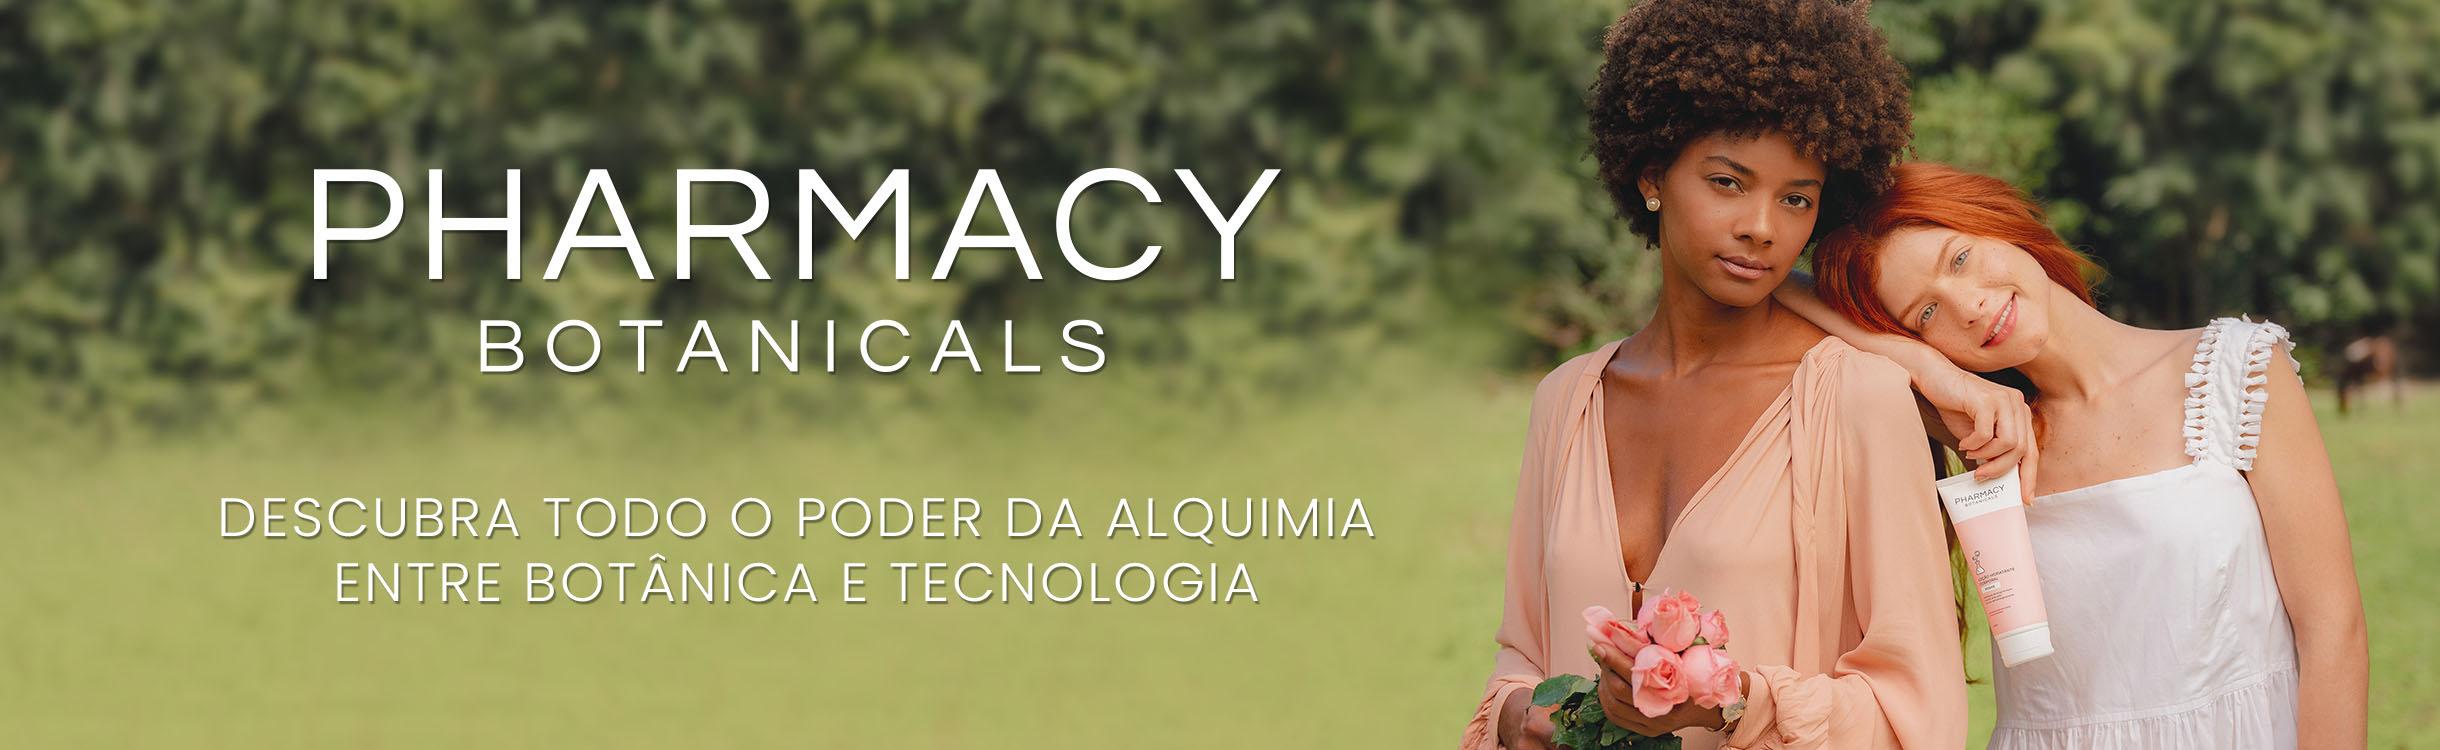 Pharmacy Botanicals